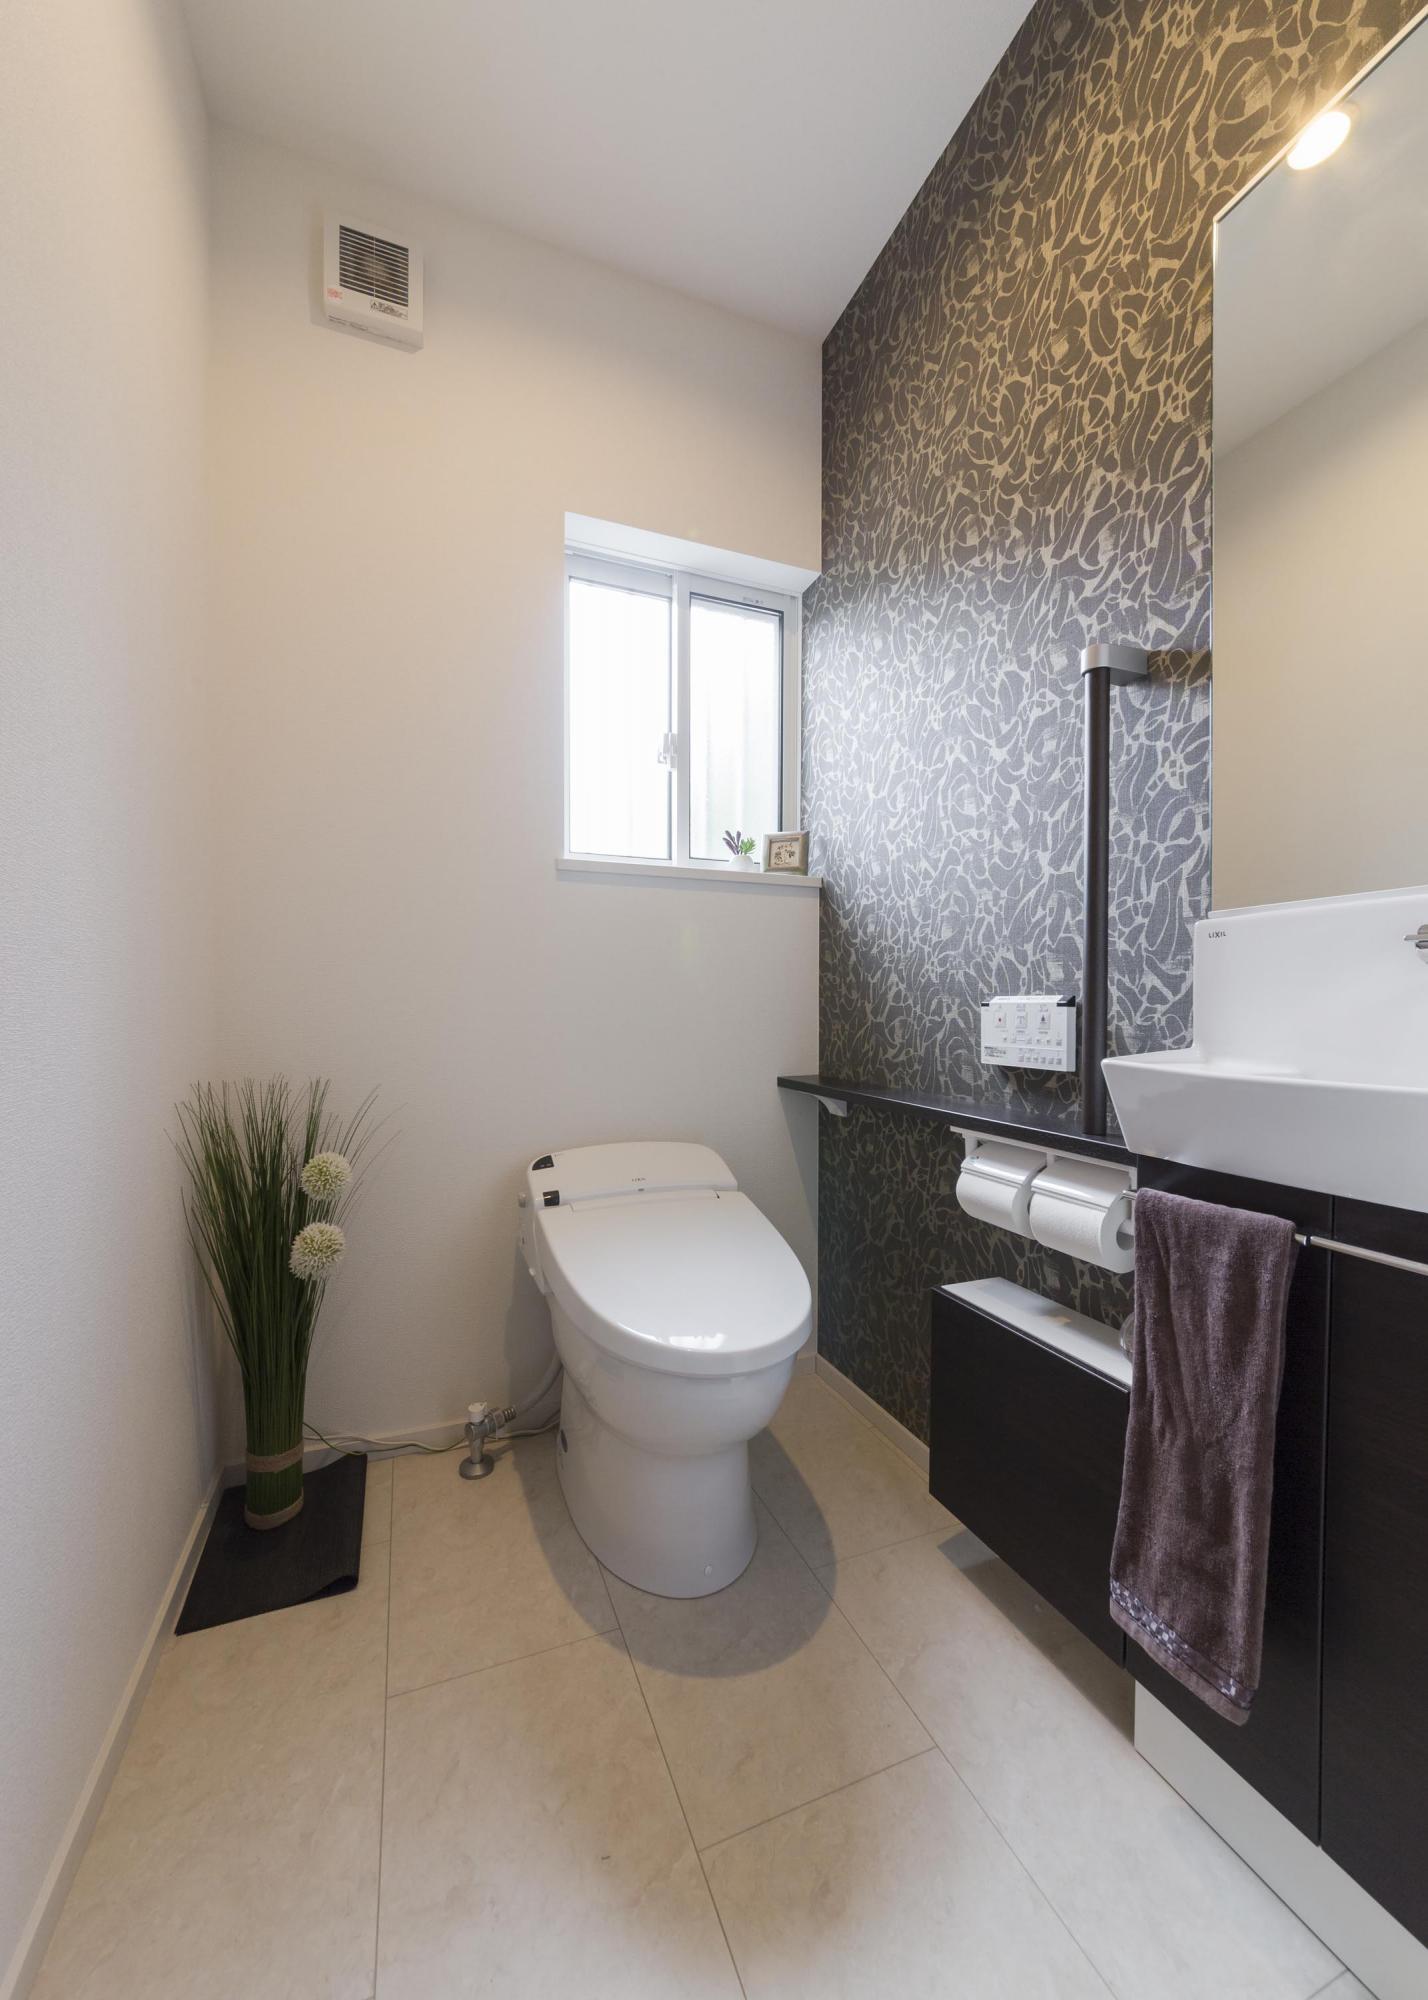 トイレは移動して向きを変えた。壁面にはモダンなアクセントクロスを貼り、ミラー付き手洗いカウンターも設けている。